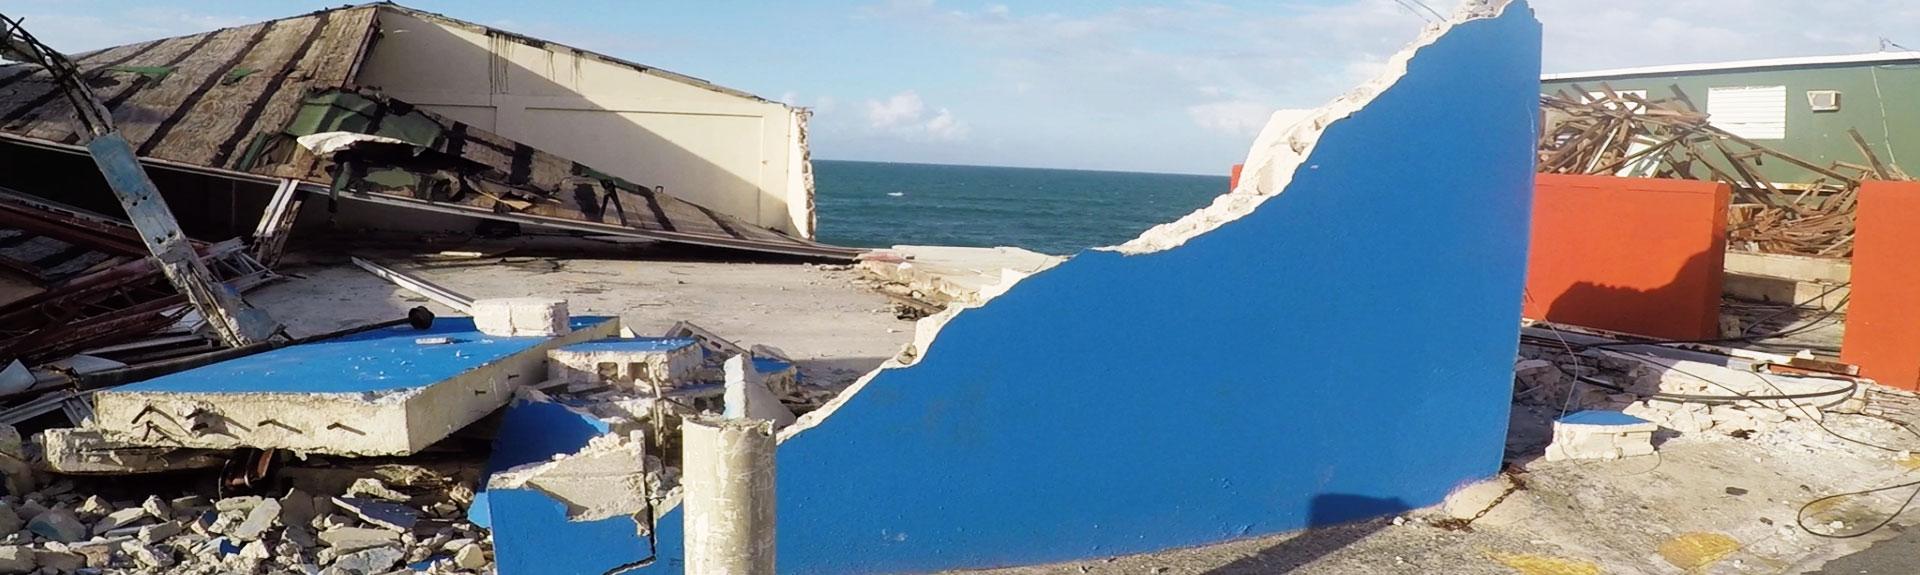 puerto rico public adjuster